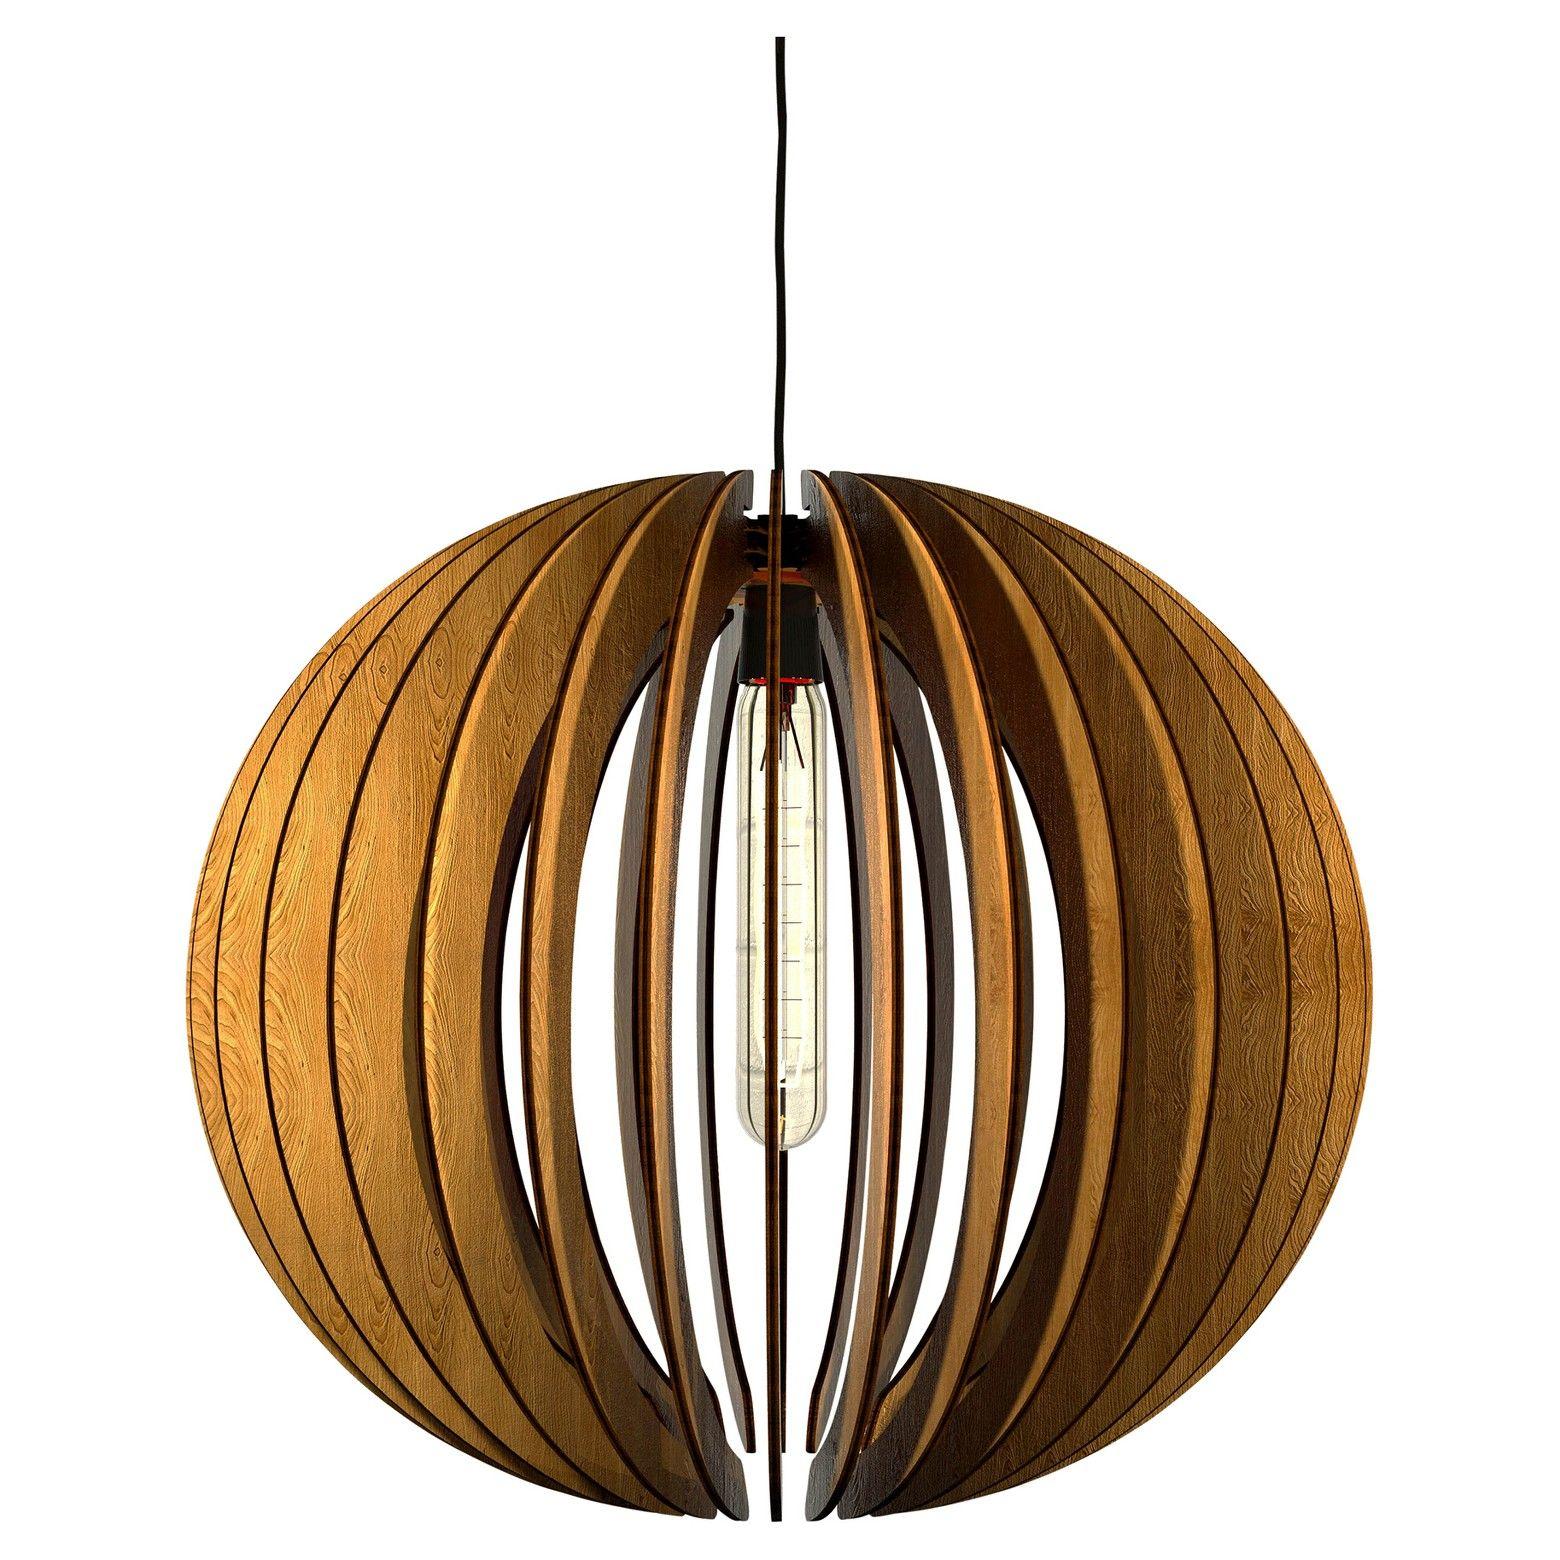 Ceiling Lights Thr3e Lighting Ceiling Lights Wooden Pendant Lighting Wood Pendant Light